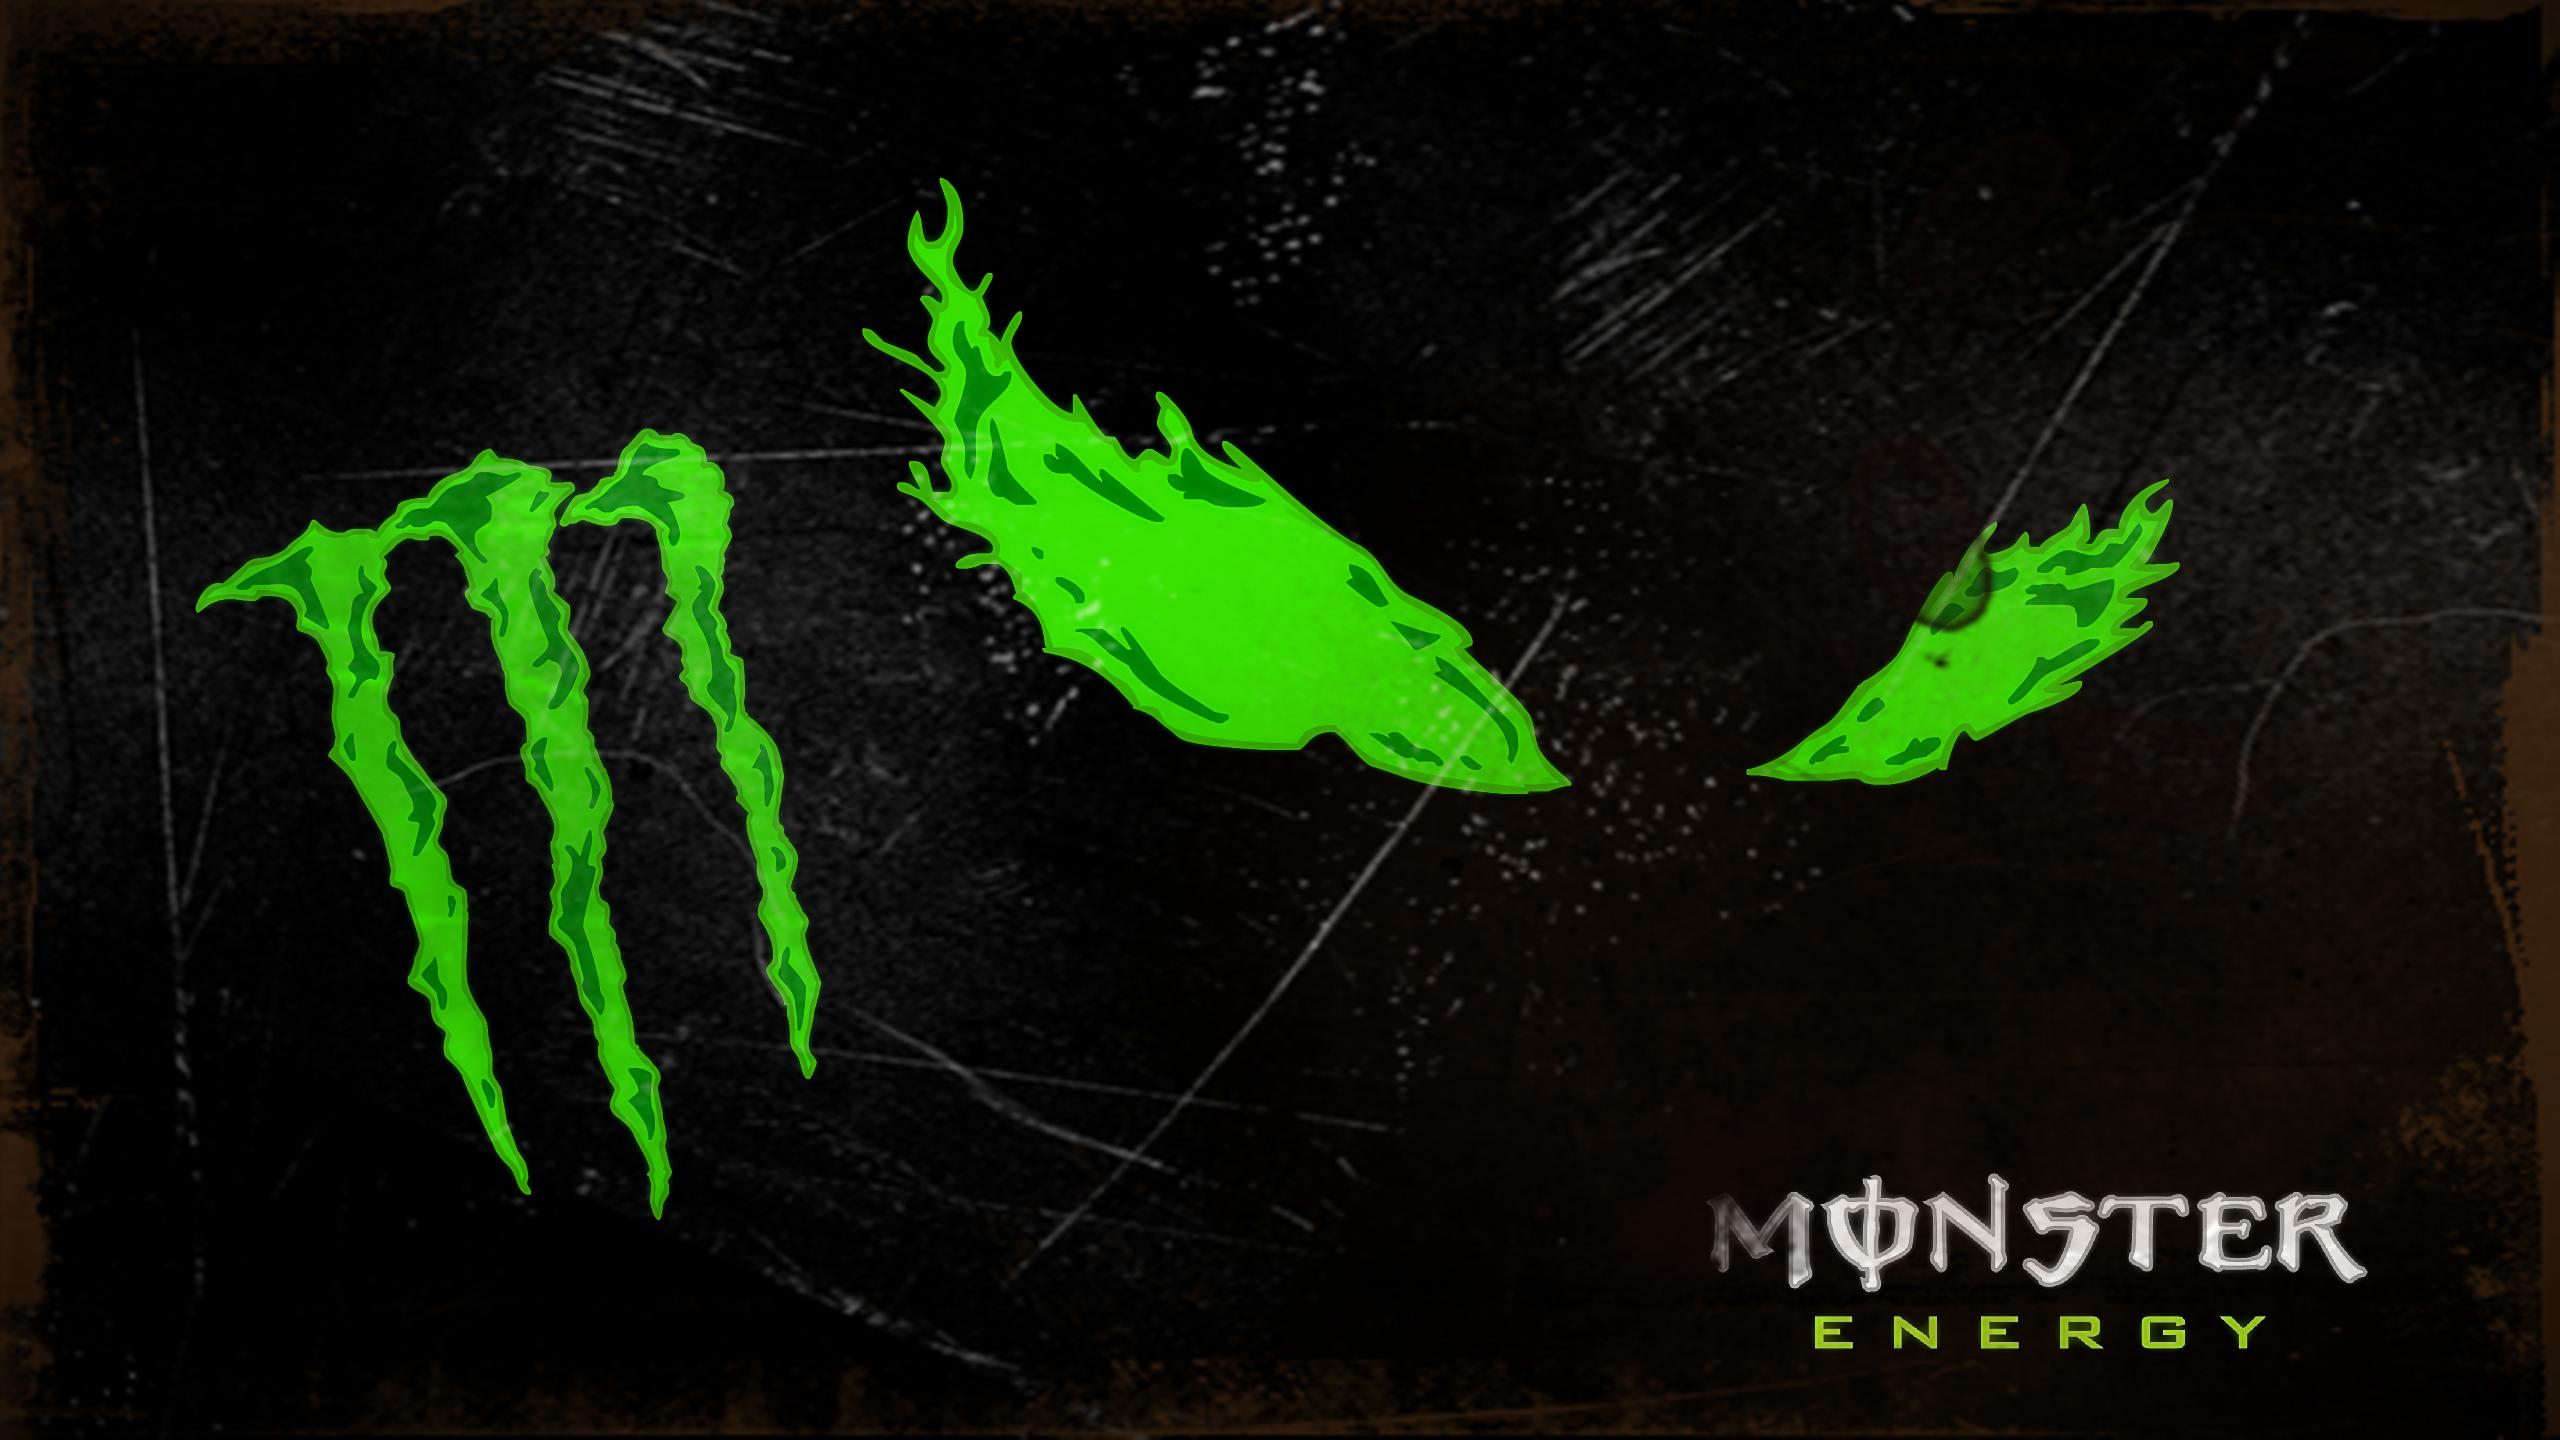 Monster Energy Logo Wallpaper Image Wallpaper WallpaperLepi 2560x1440